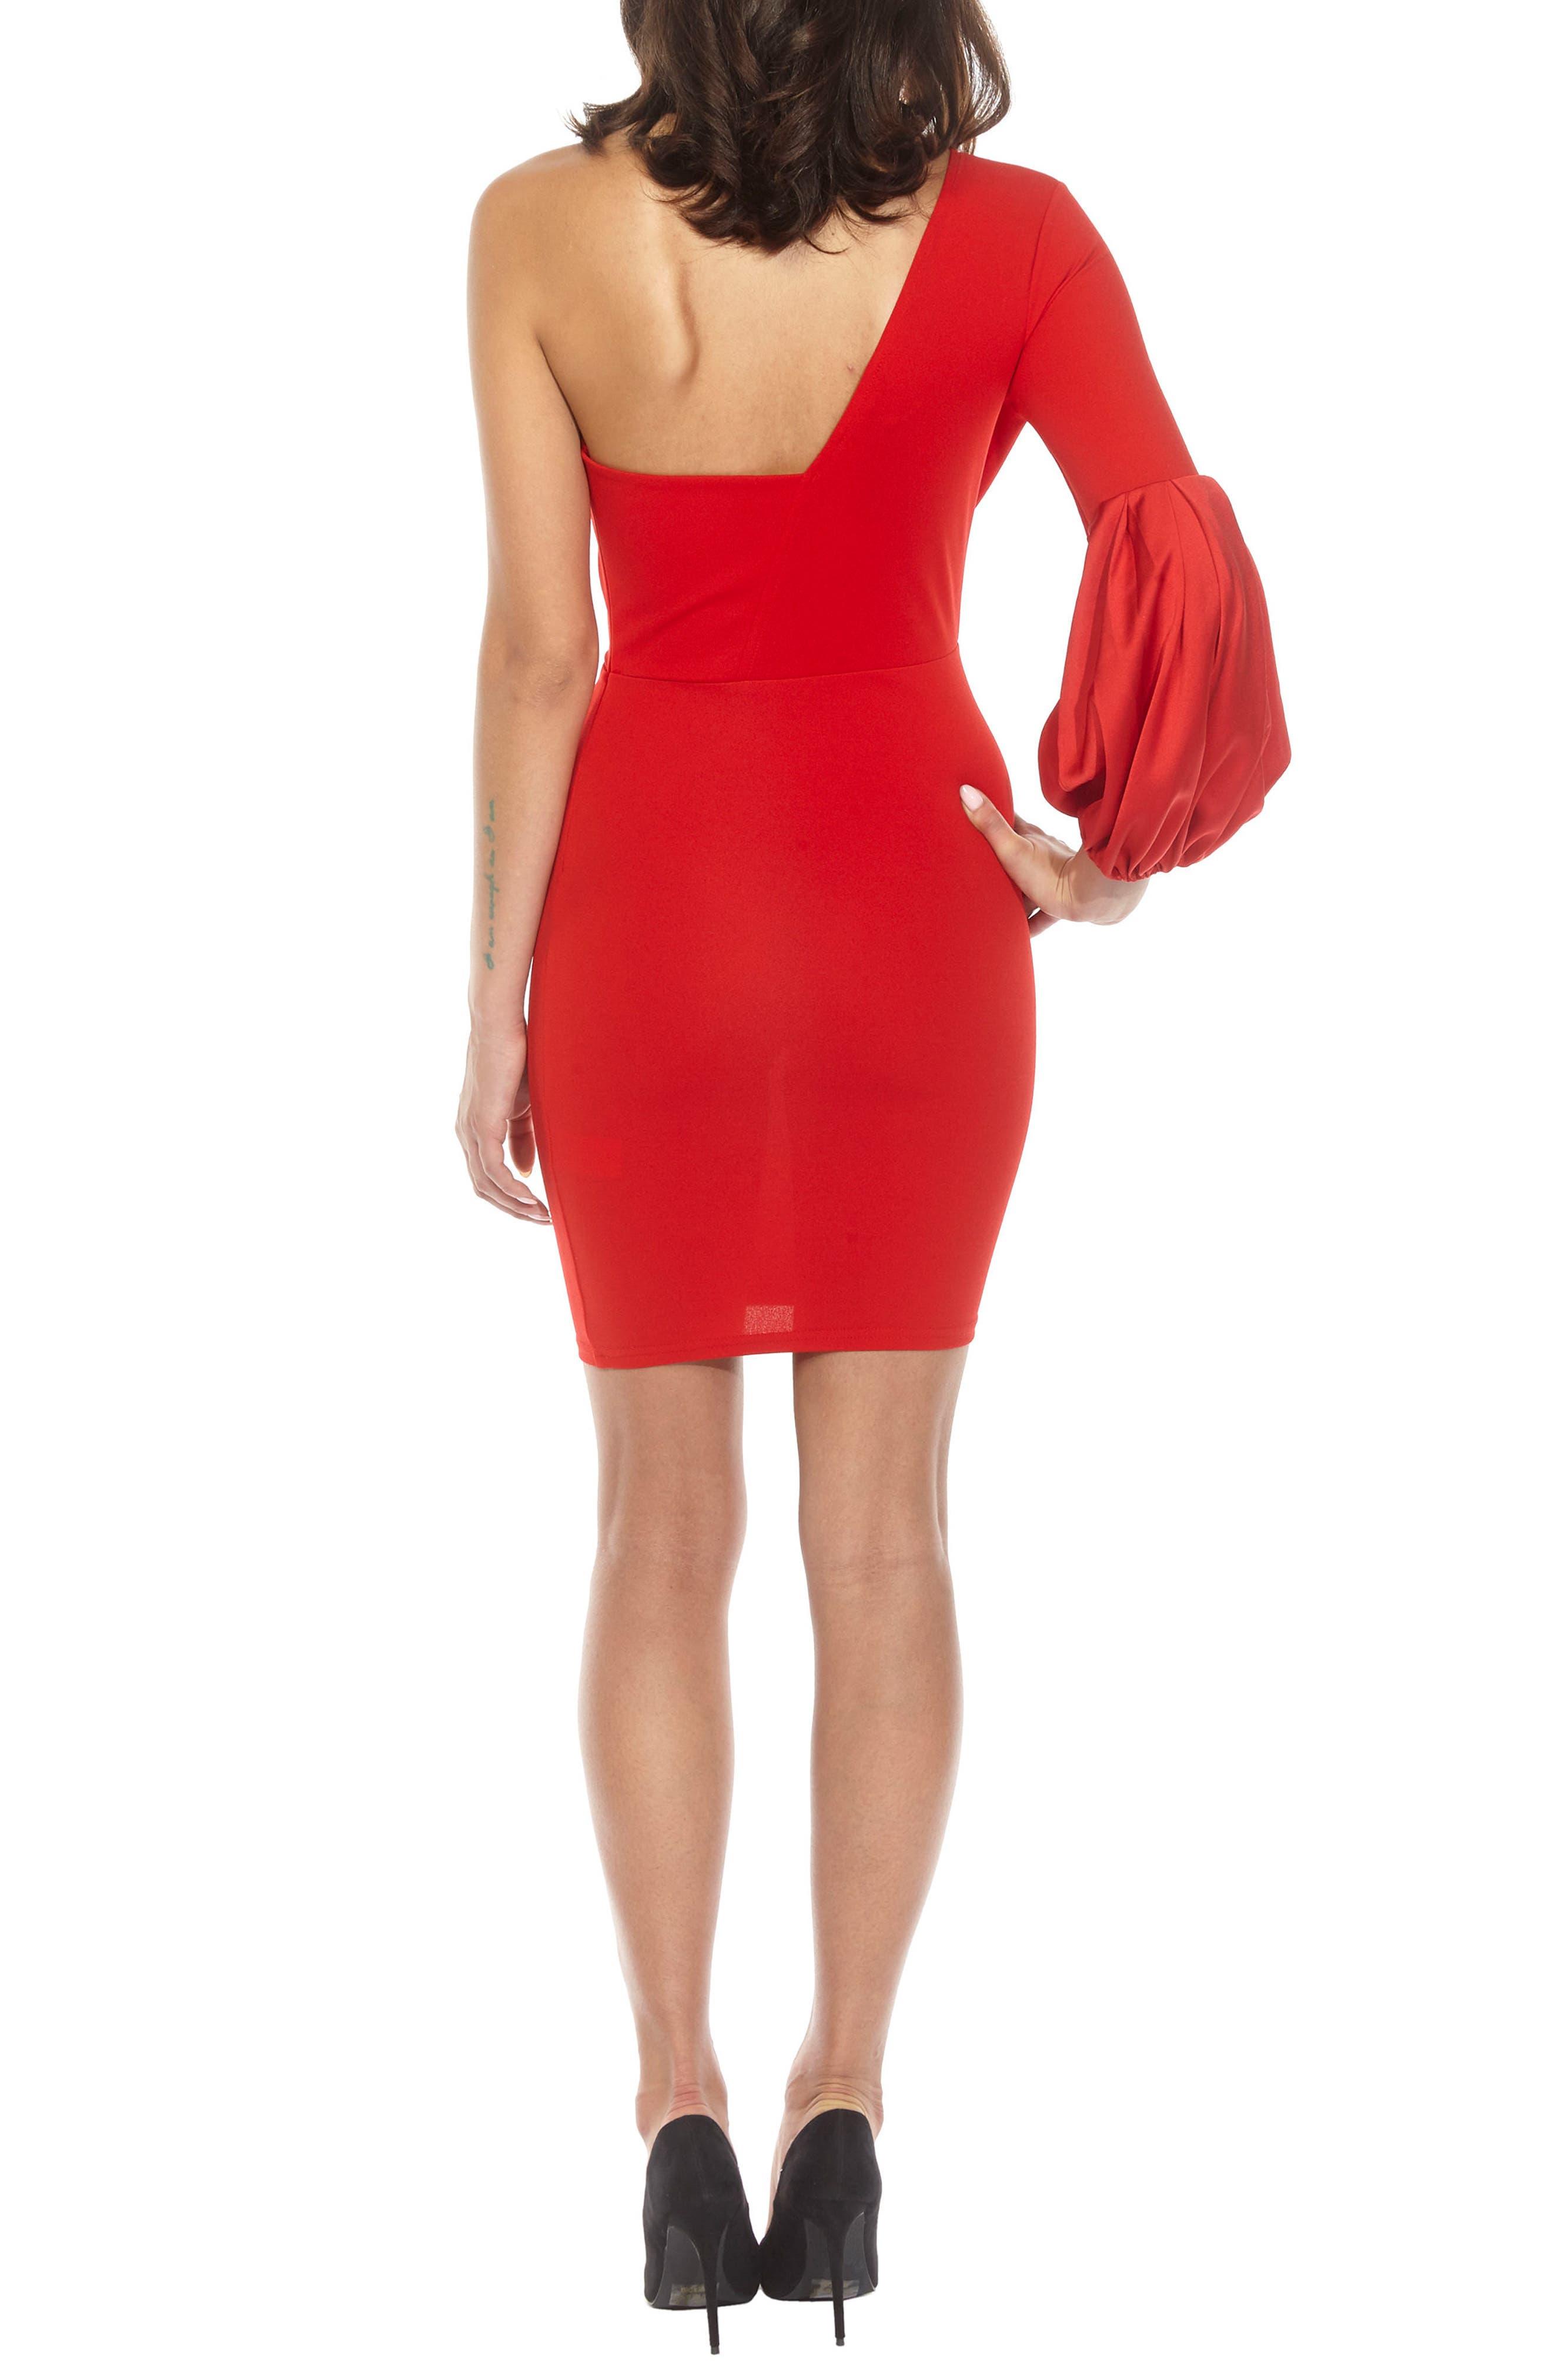 Naeva One-Shoulder Minidress,                             Alternate thumbnail 2, color,                             610